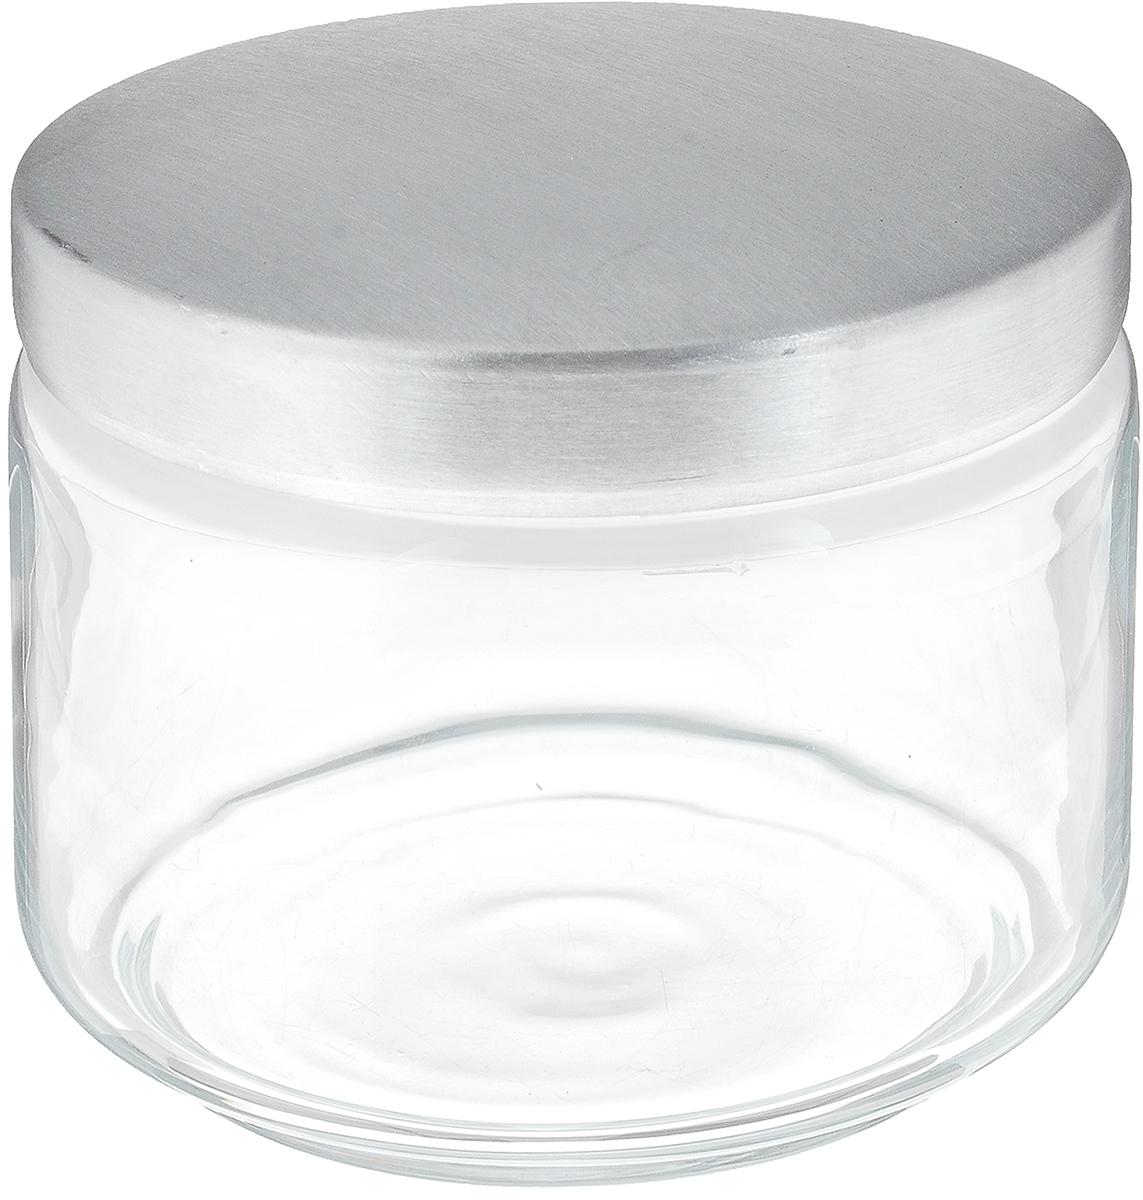 Банка для сыпучих продуктов Luminarc Boxmania, 500 мл48814Банка Luminarc Boxmania изготовлена из высококачественного стекла. Емкость подходит для хранения сыпучих продуктов: круп, специй, сахара, соли. Она снабжена металлической крышкой, которая плотно и герметично закрывается, дольше сохраняя аромат и свежесть содержимого. Банка Luminarc Boxmania станет полезным приобретением и пригодится на любой кухне. Высота банки (без учета крышки): 8 см. Диаметр банки (по верхнему краю): 9,5 см. Объем банки: 500 мл.